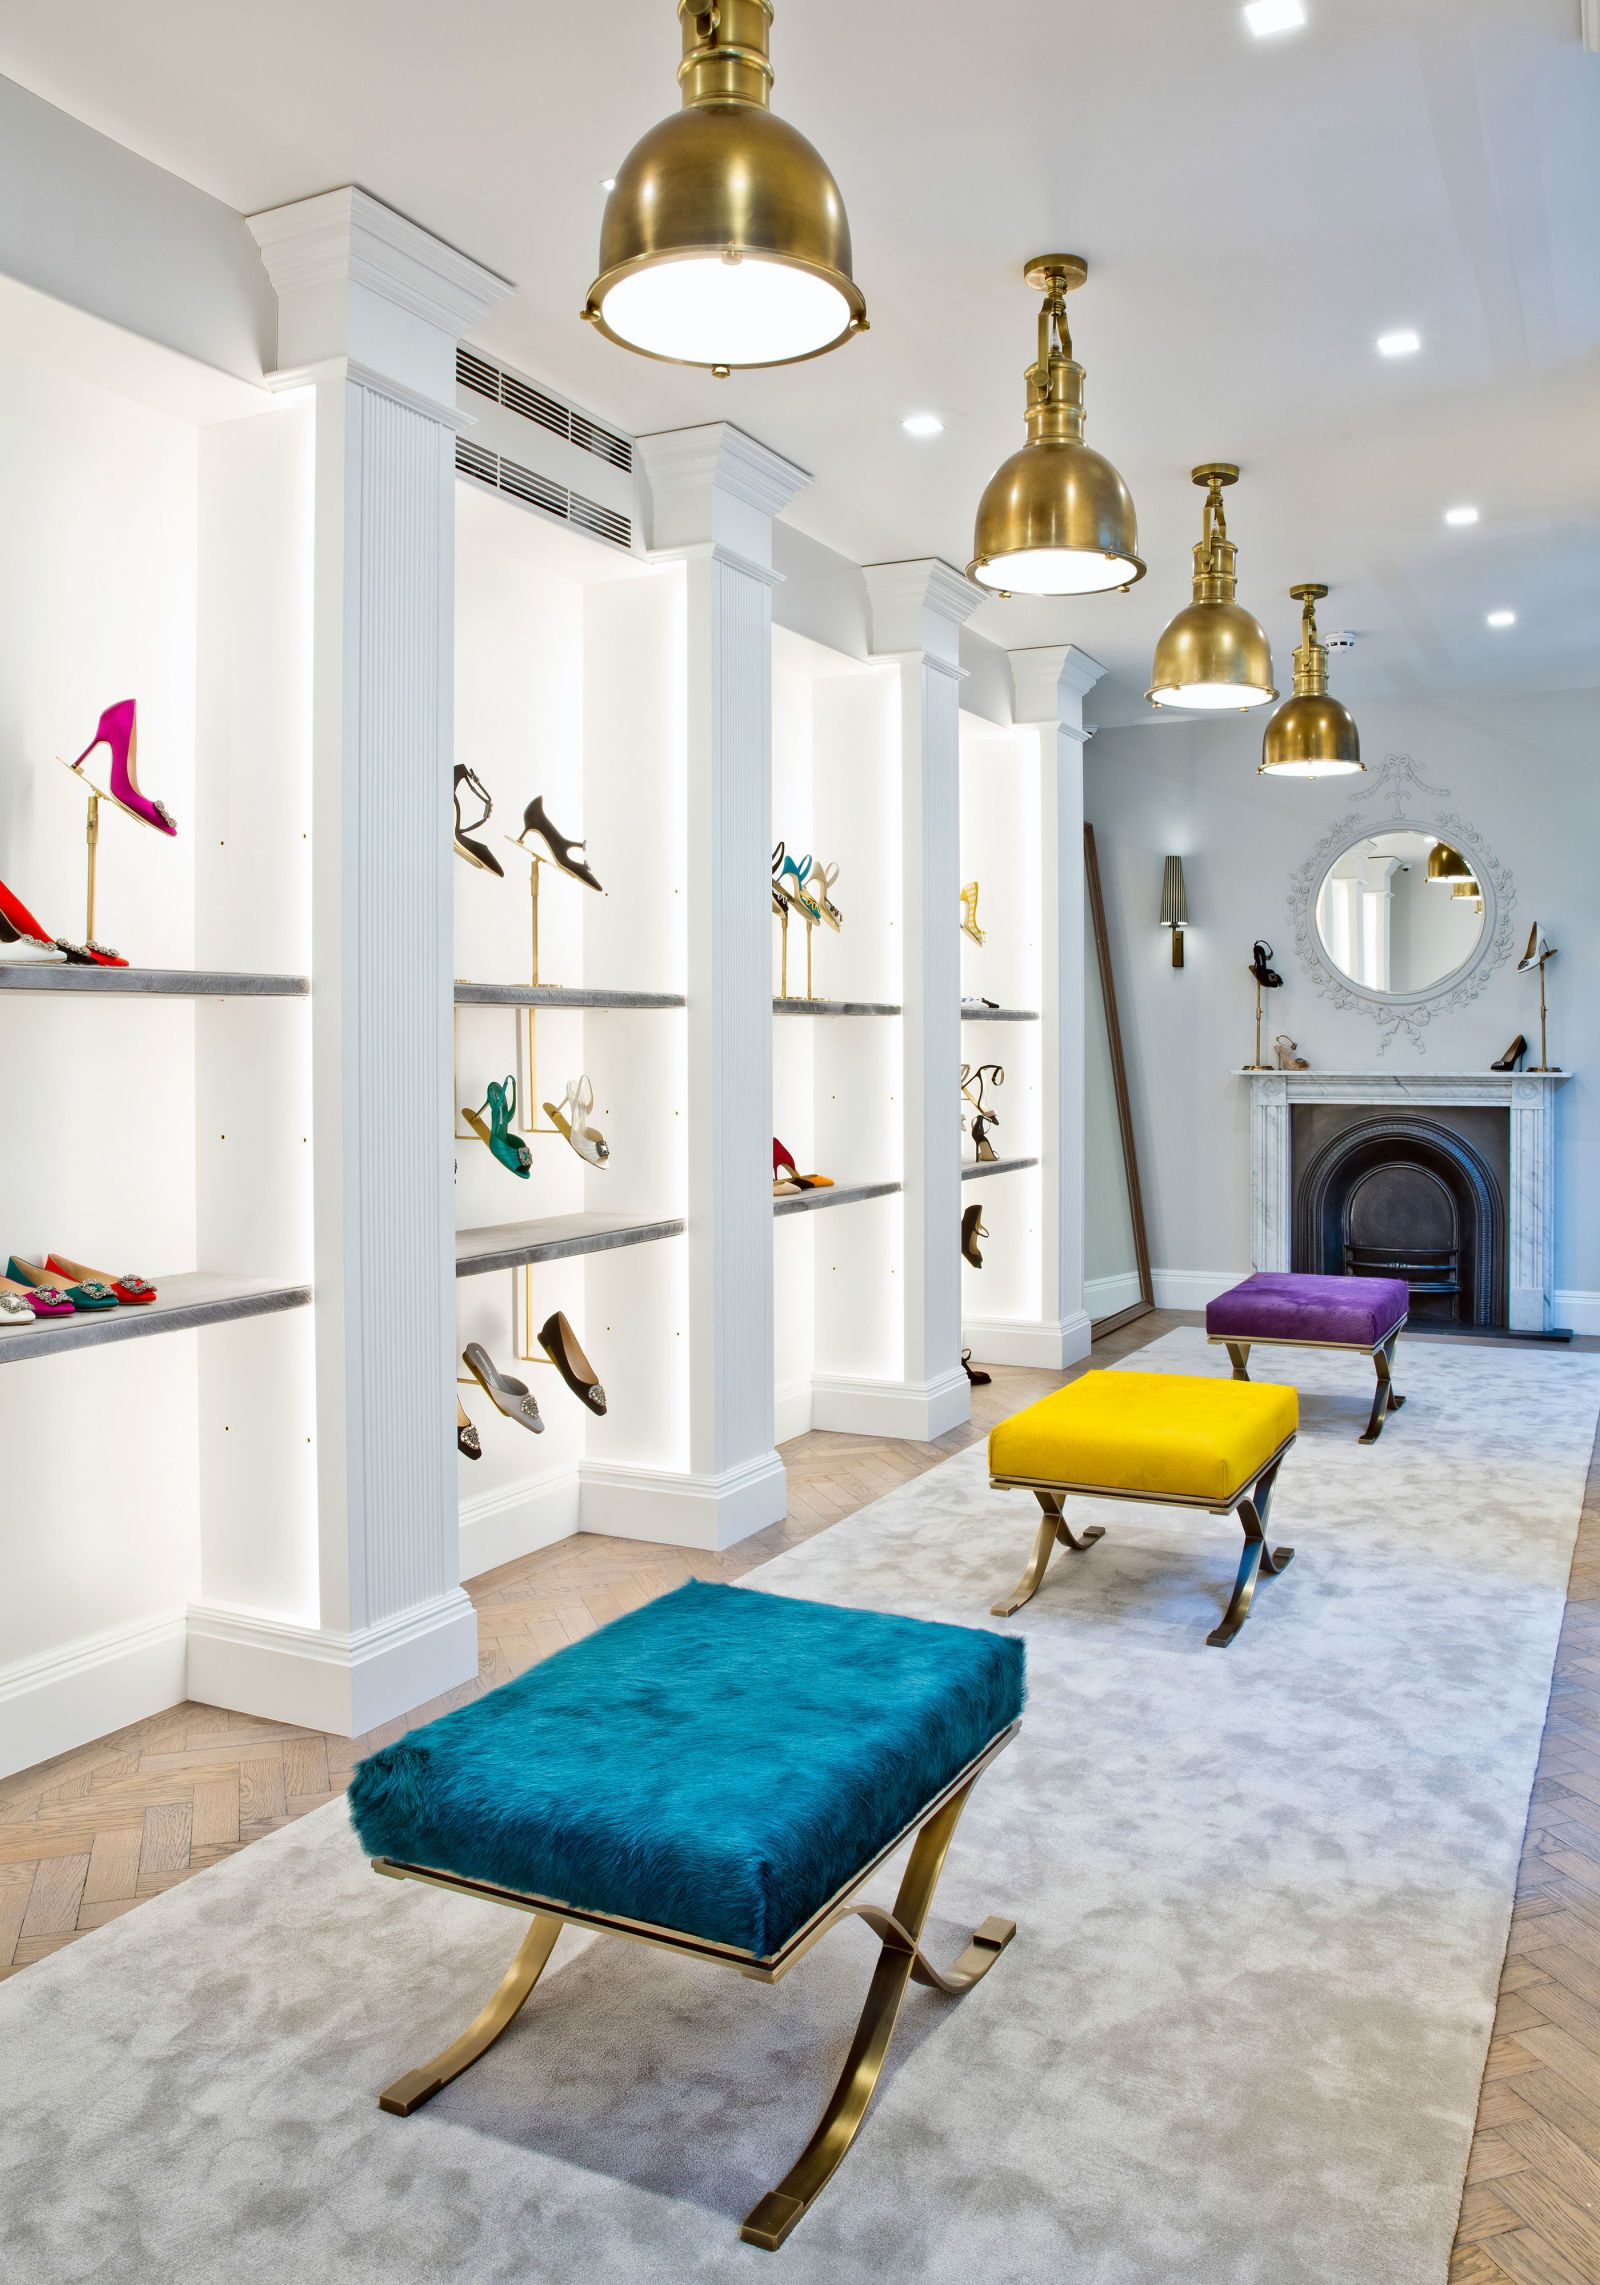 Manolo Blahnik Opens A New Store In Londons Burlington Arcade